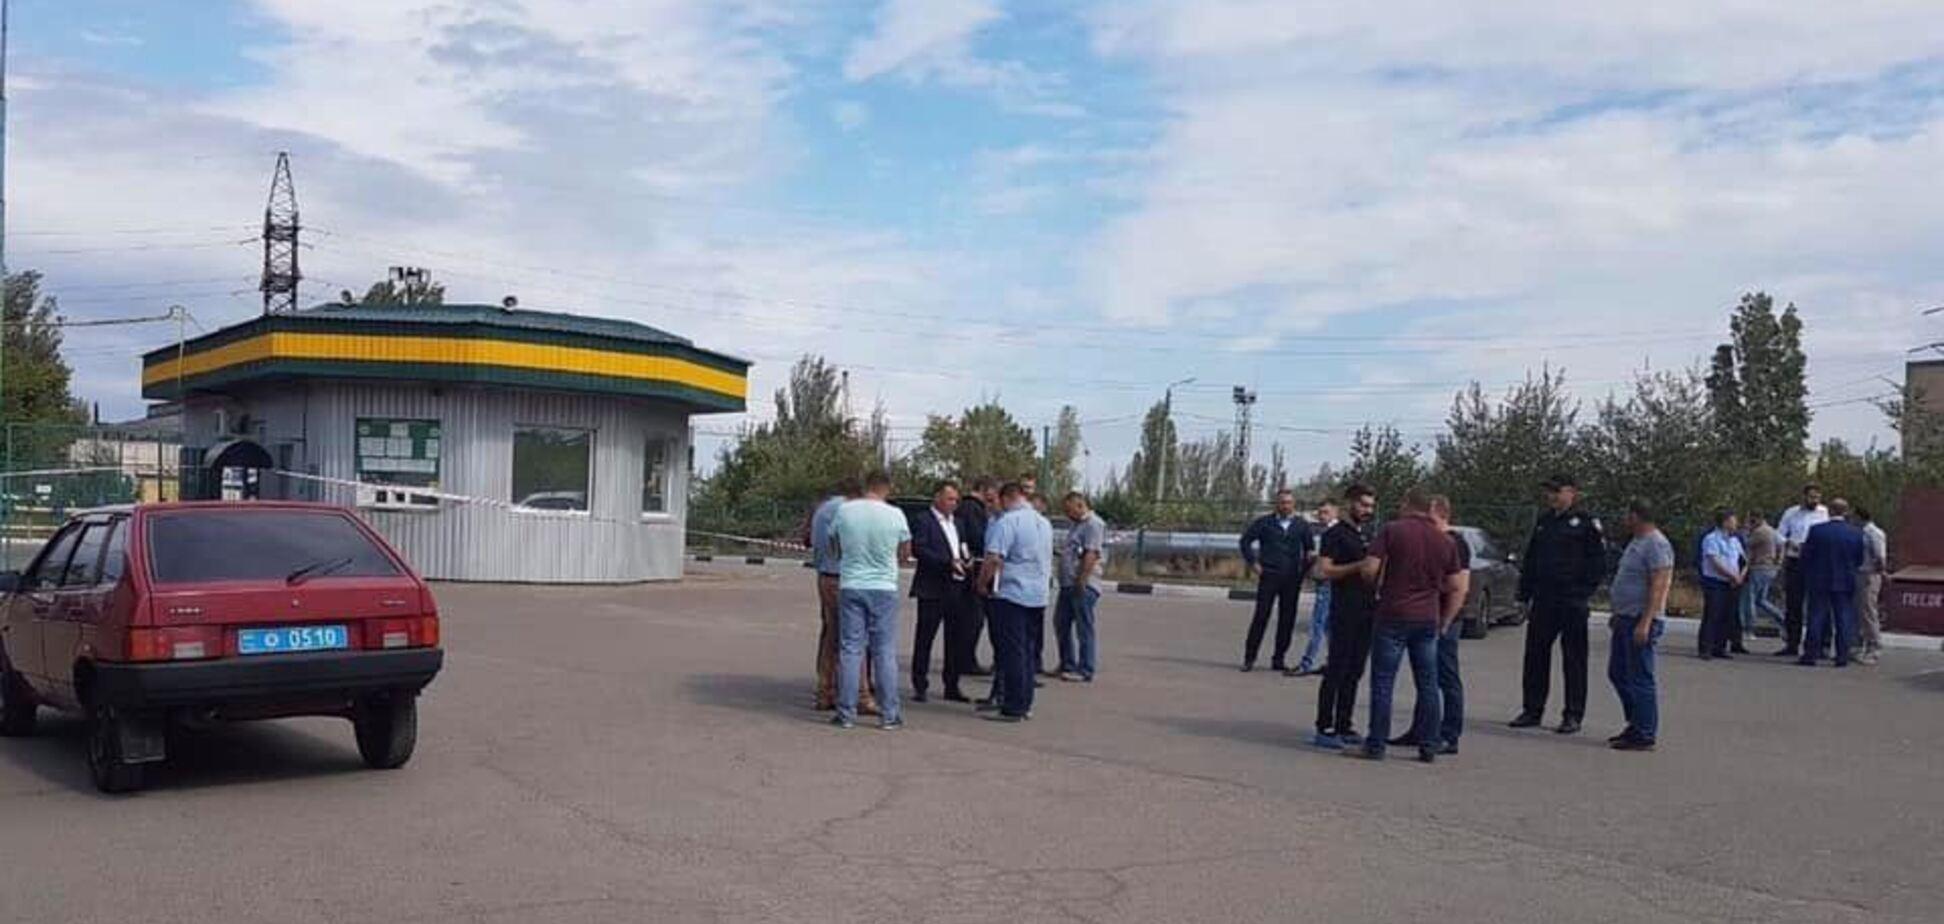 У Миколаєві на АЗС застрелили трьох людей: всі деталі